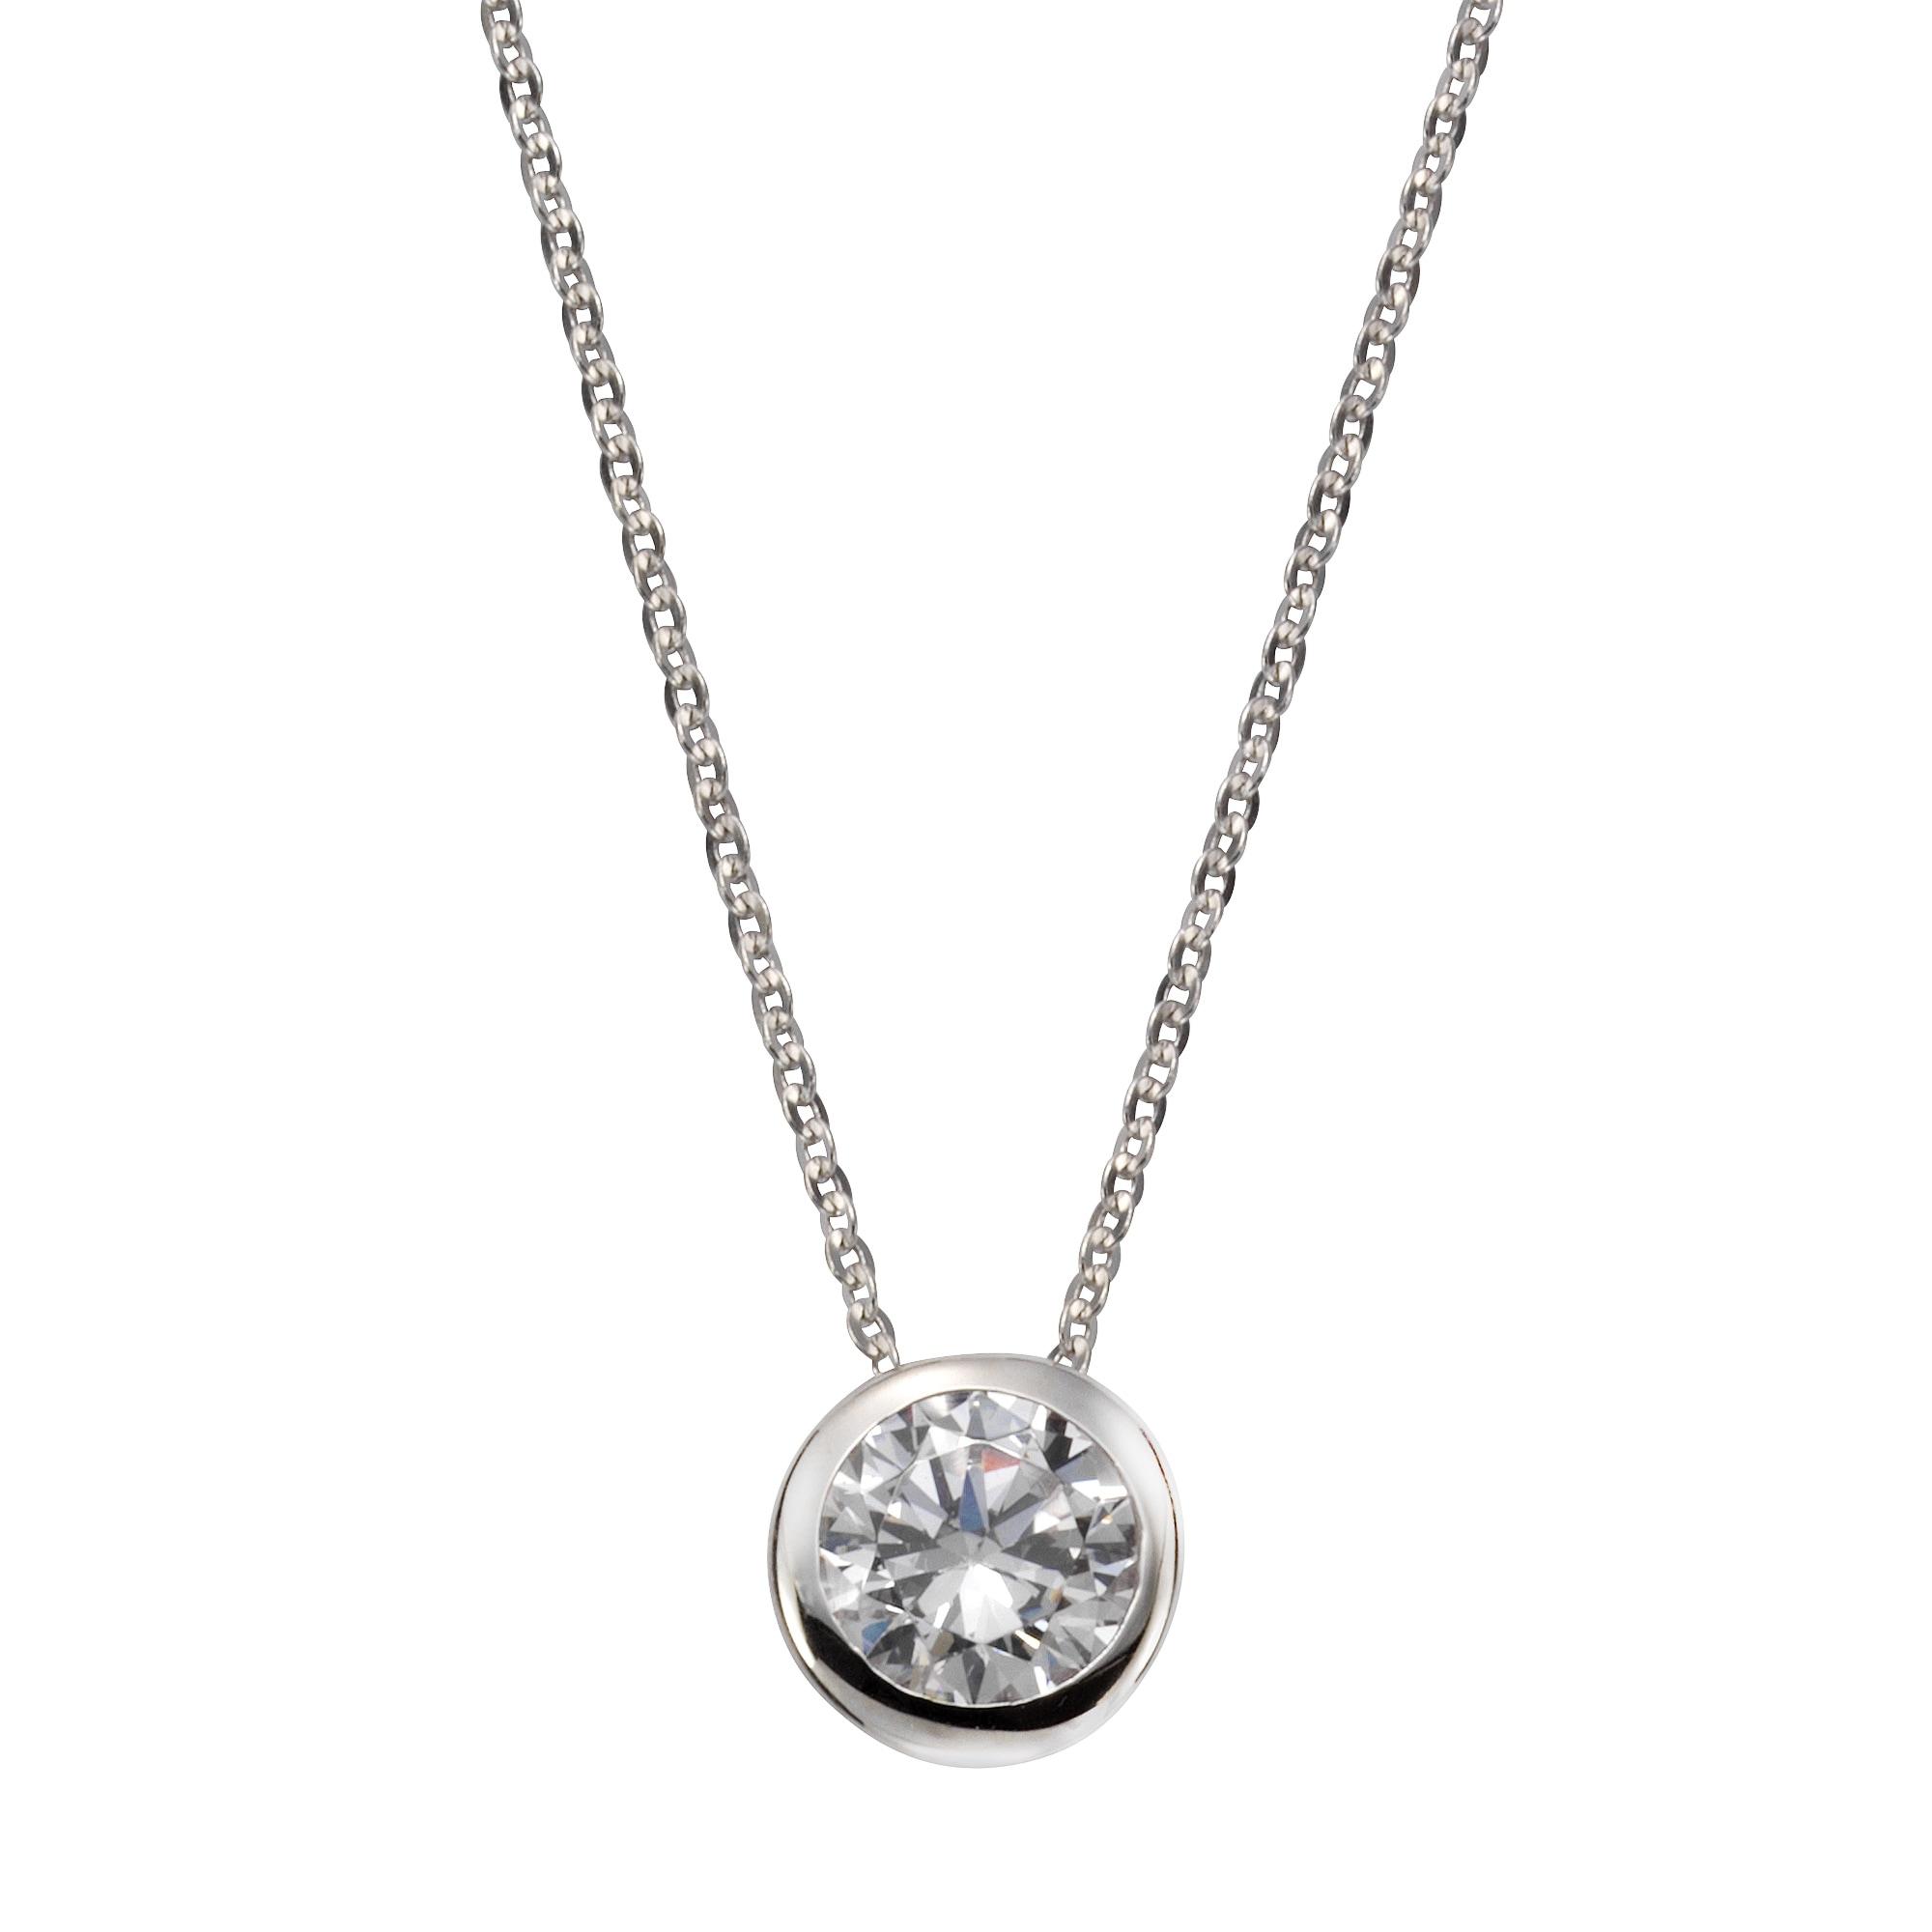 Vivance Anhänger mit Kette 925-/ Sterling Silber Zirkonia   Schmuck > Halsketten > Silberketten   Vivance